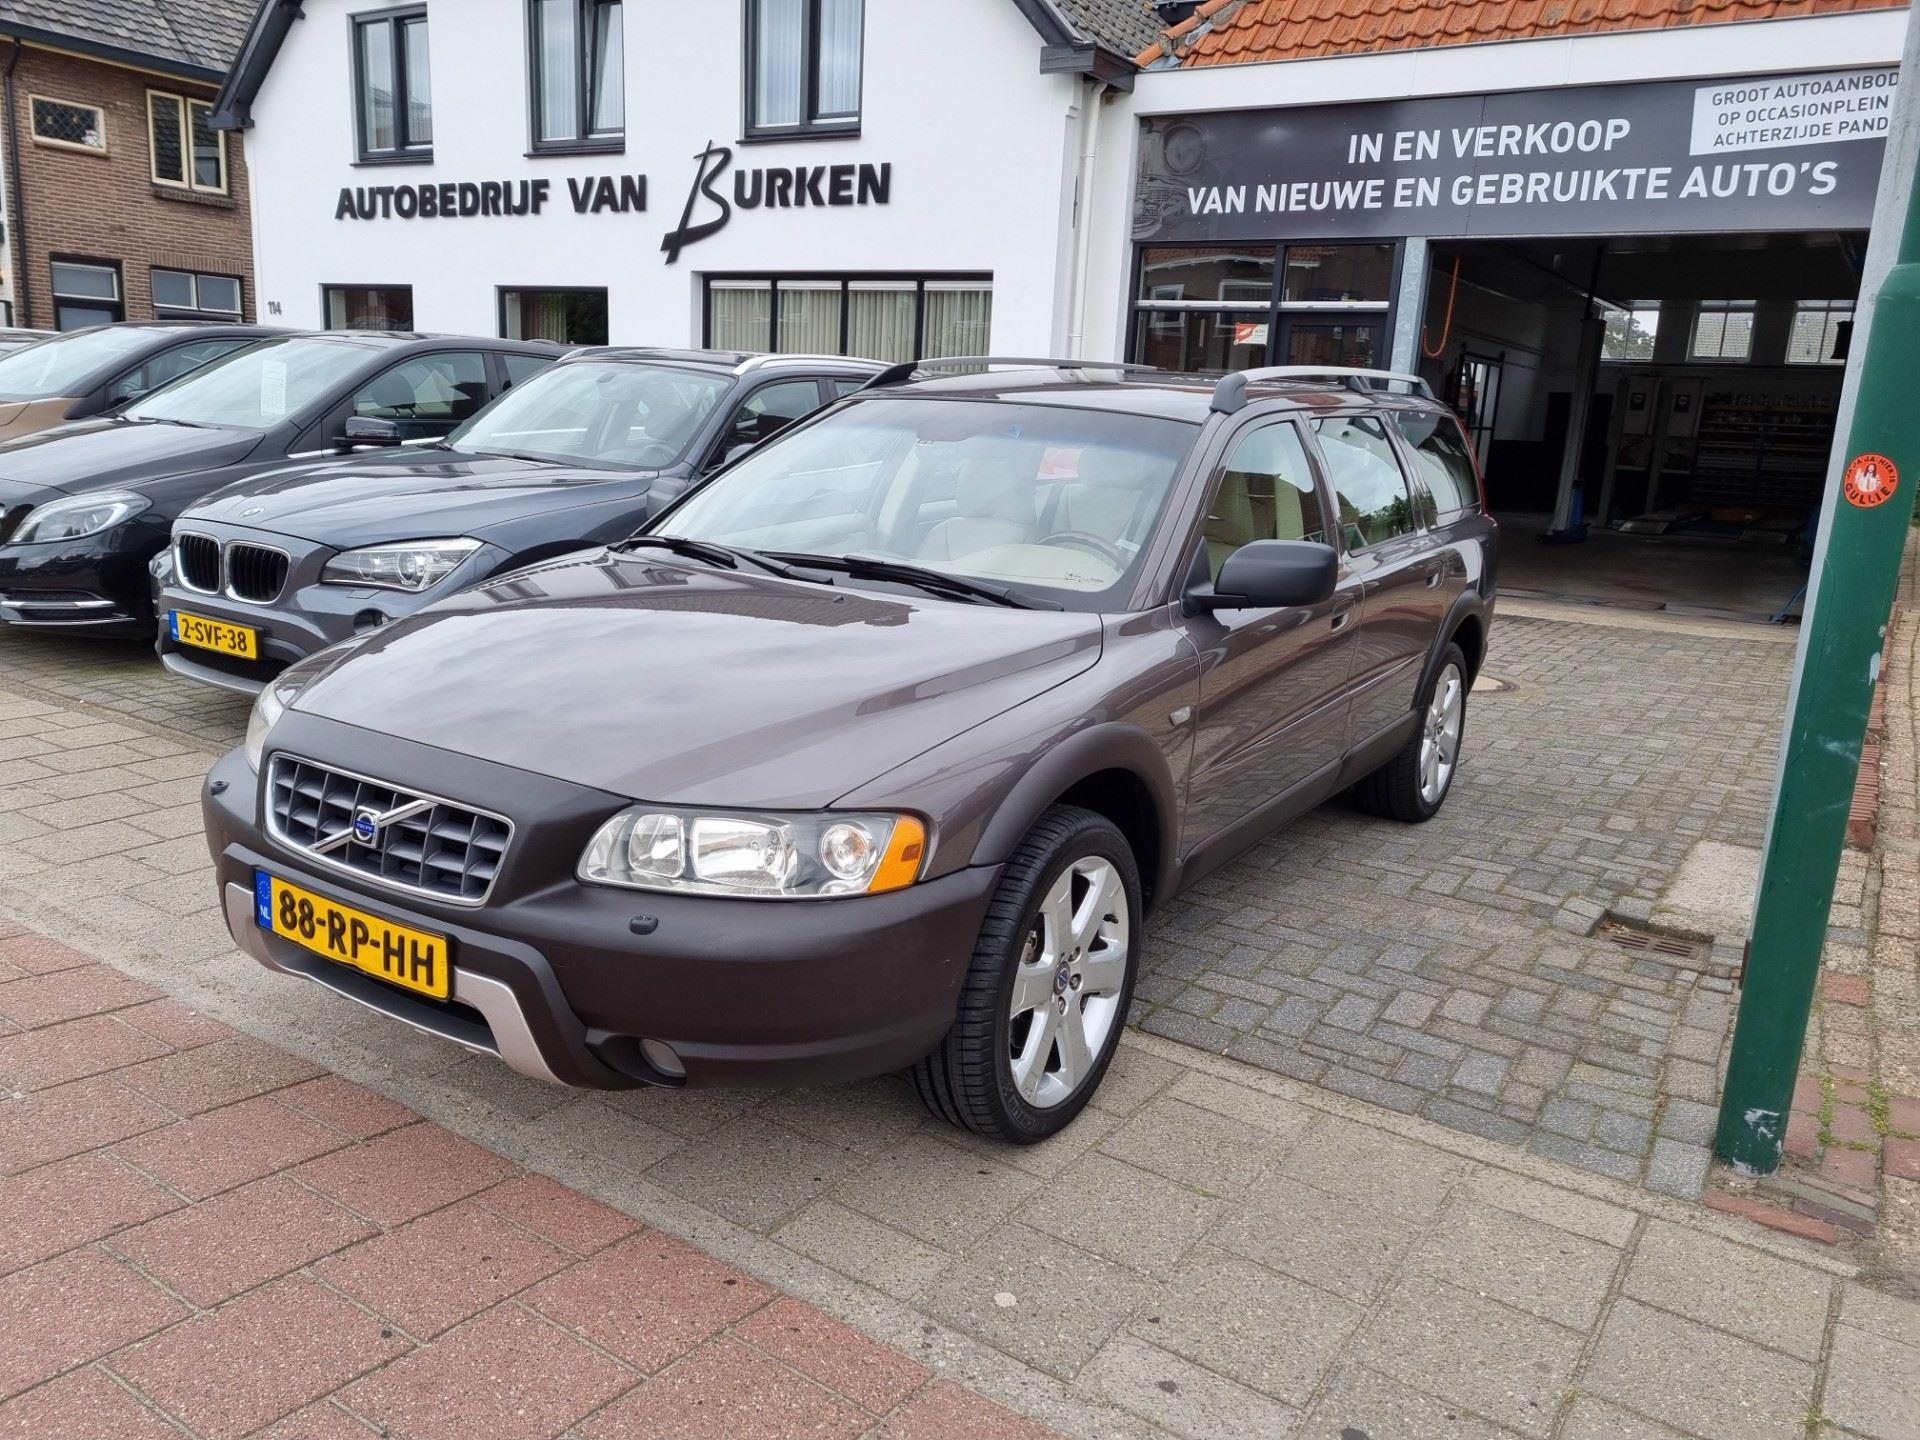 Volvo XC70 occasion - Autobedrijf van Burken